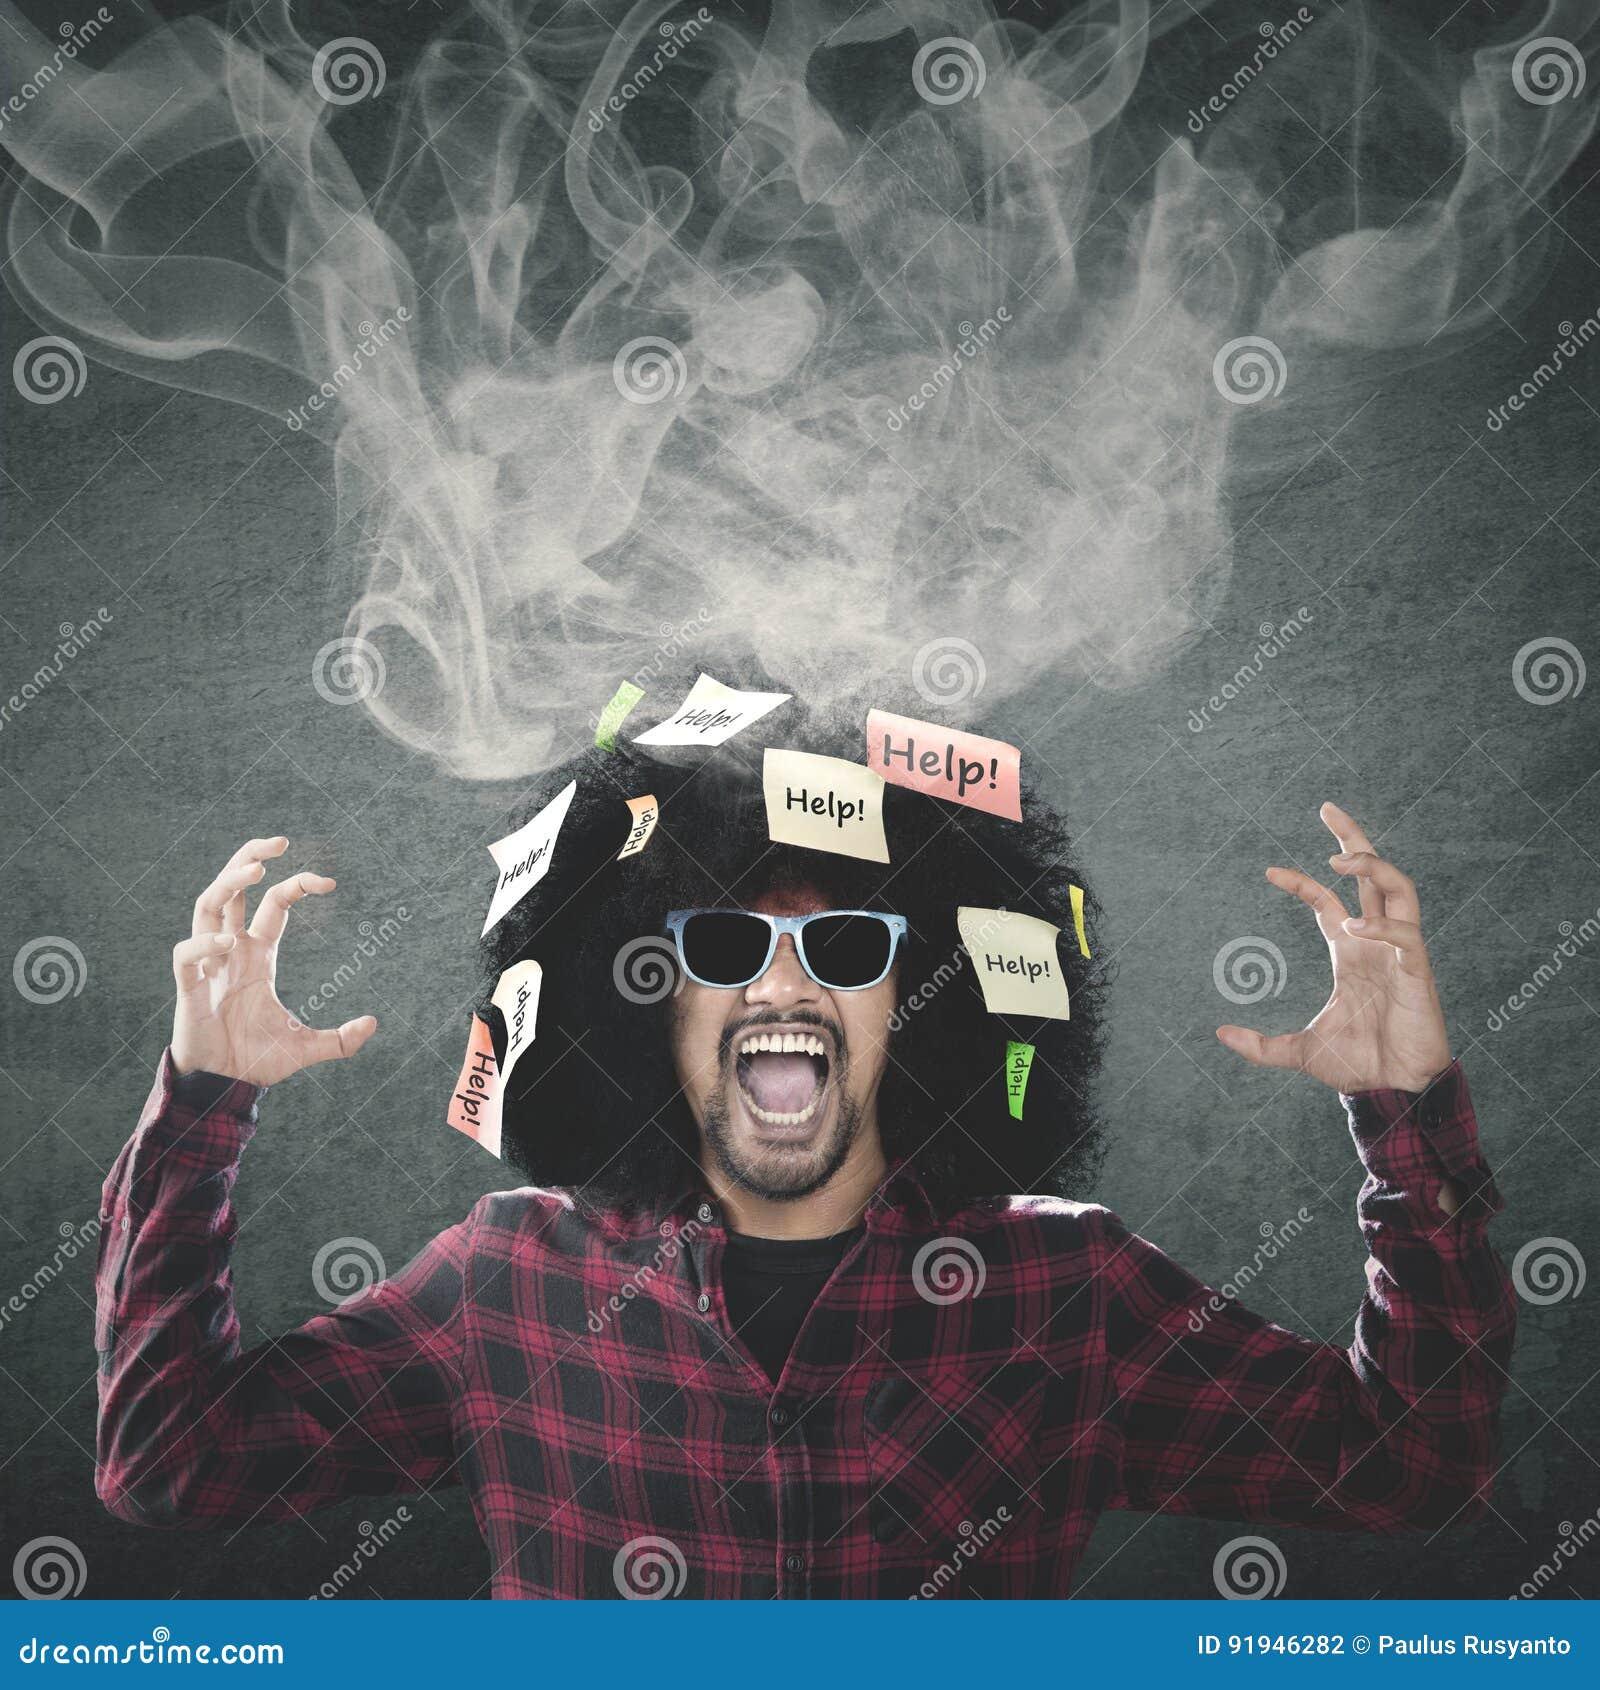 Sfrustowany Afro mężczyzna z dymem na głowie